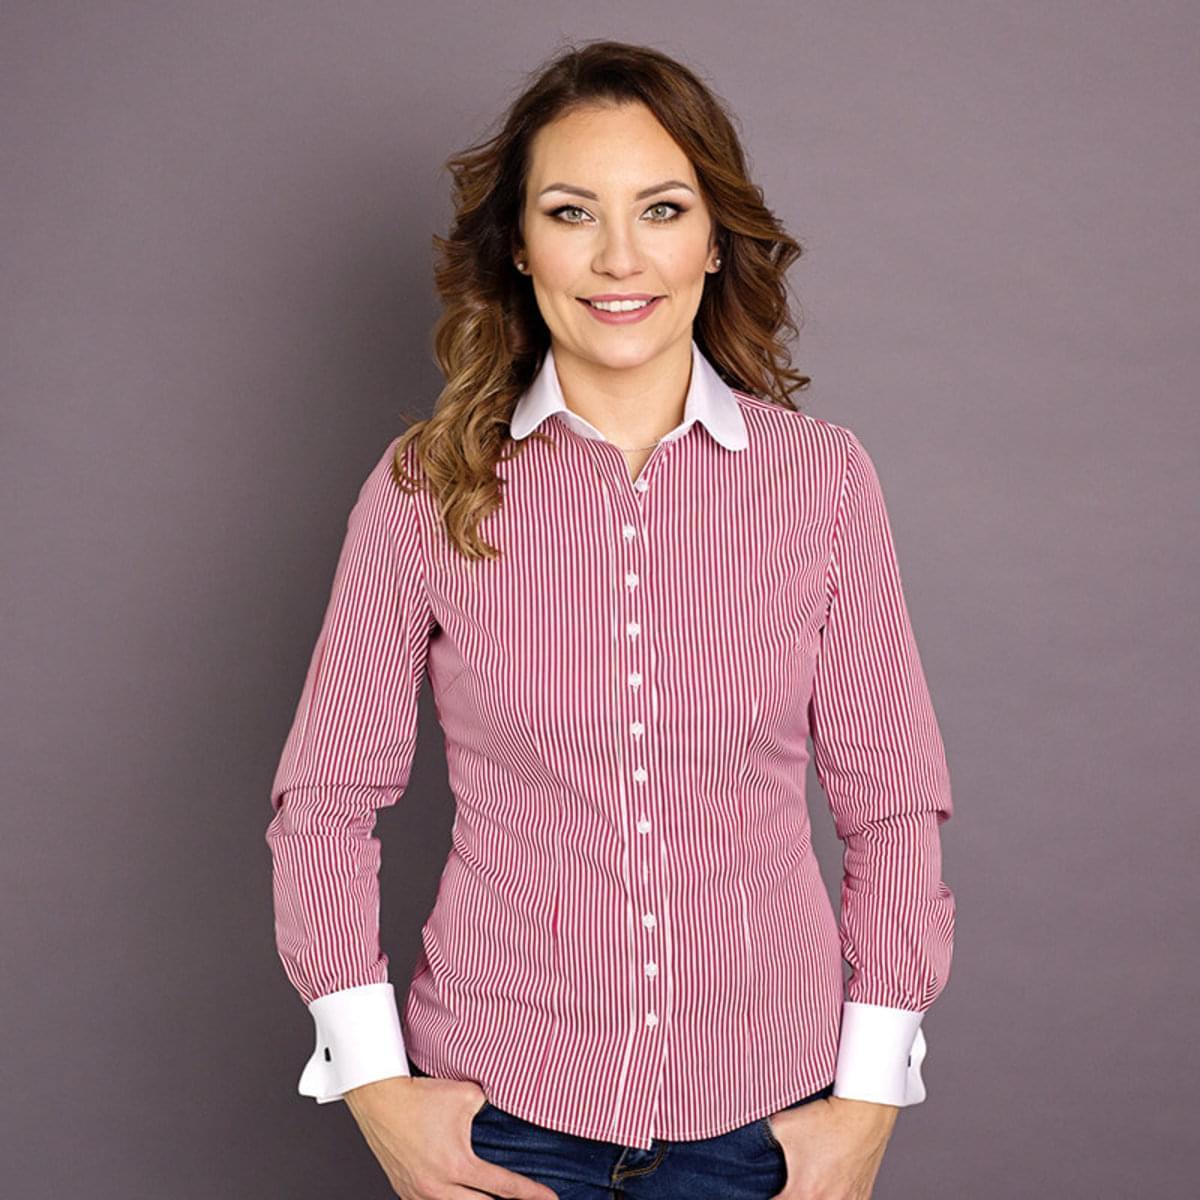 Dámská košile Willsoor 7341 s proužky a kulatým límečkem 34